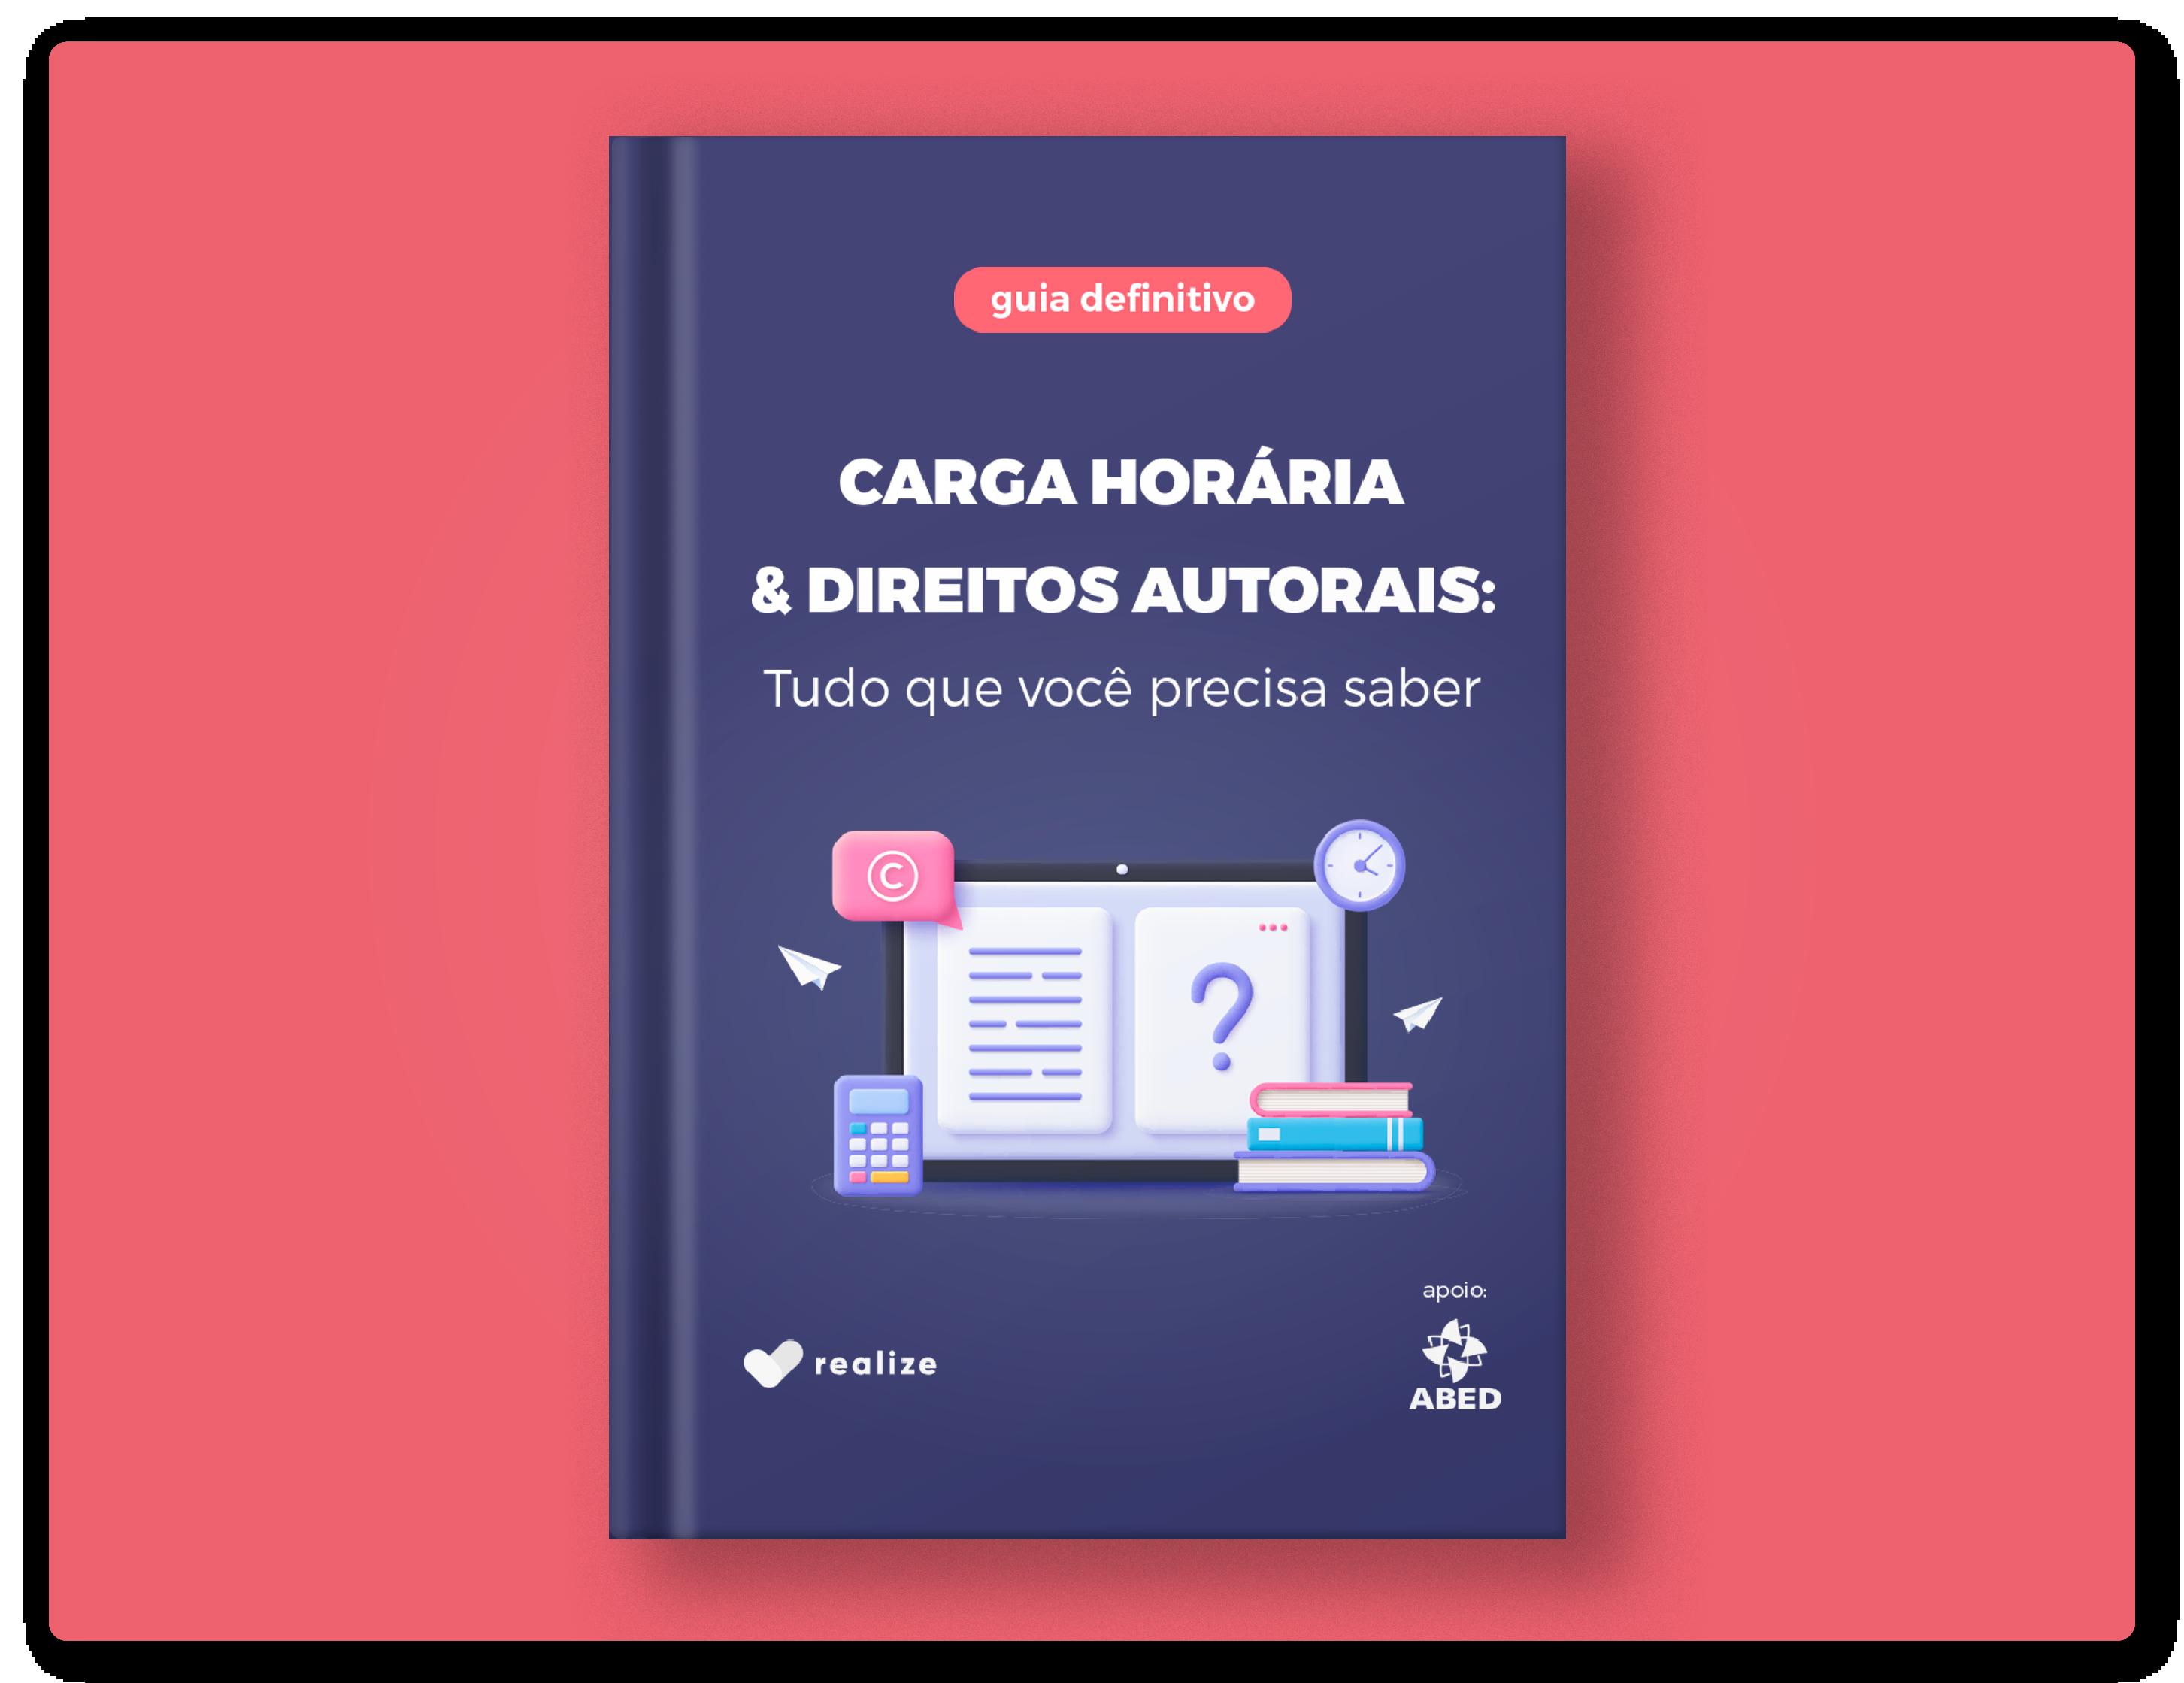 """Ilustração de um livro com a capa do e-book """"Carga Horária & Direitos Autorais: Tudo que você precisa saber"""""""